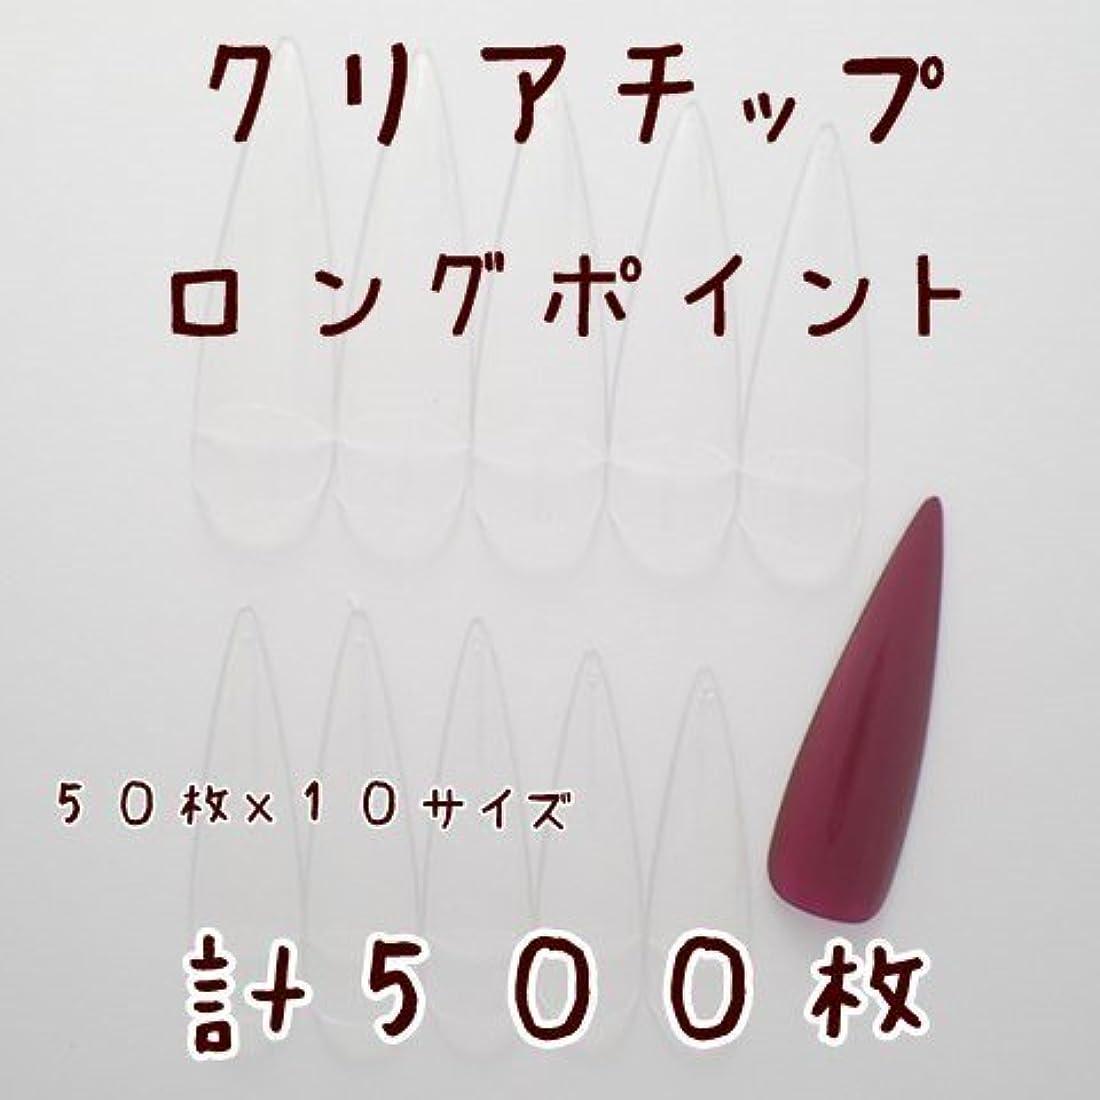 低下星ラダDINAネイル クリアネイルチップ【ロングポイント】50枚×10サイズ計500枚 ネイルチップ